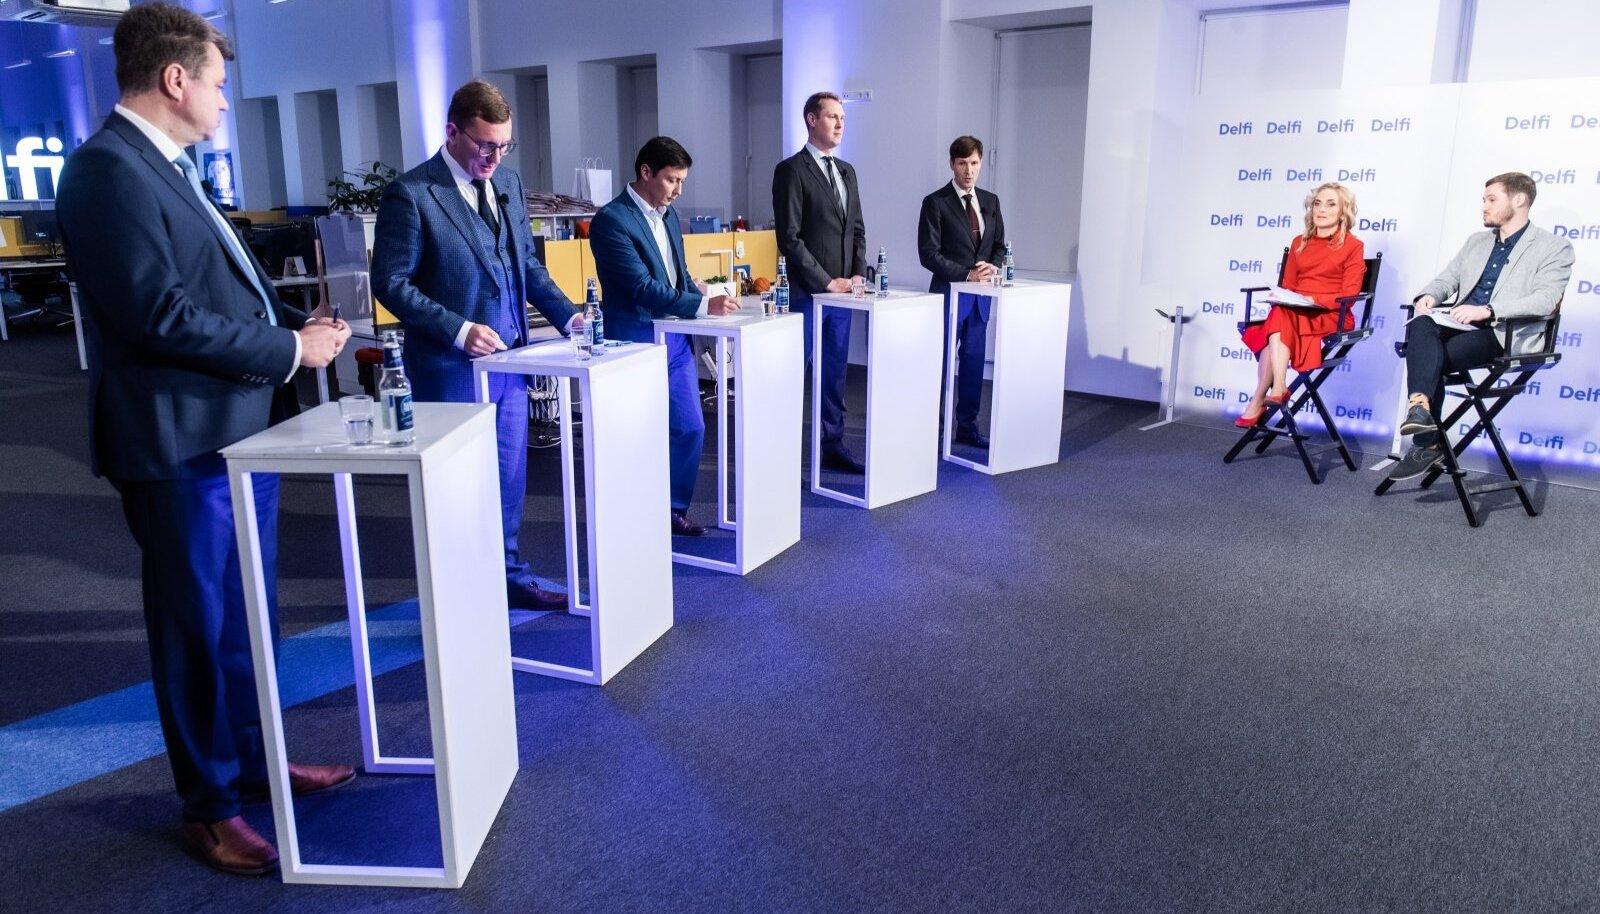 Viis protsenti vastajatest valivad valimisdebatis nähtu või kuuldu alusel.